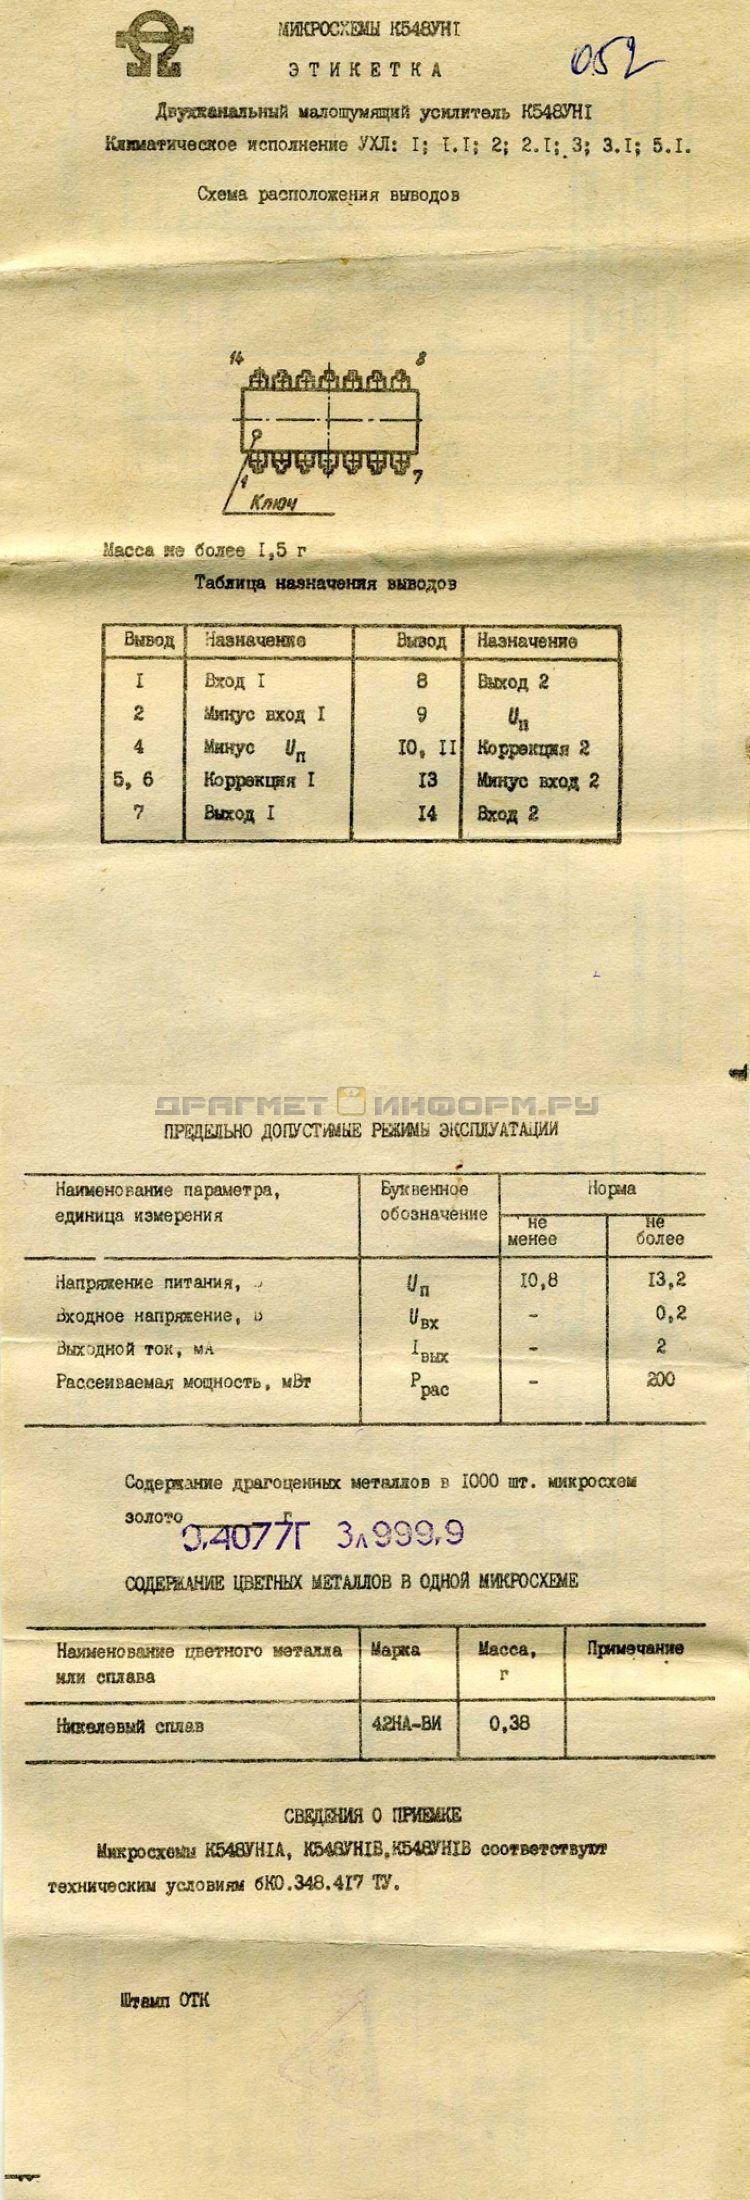 Формуляр К548УН1